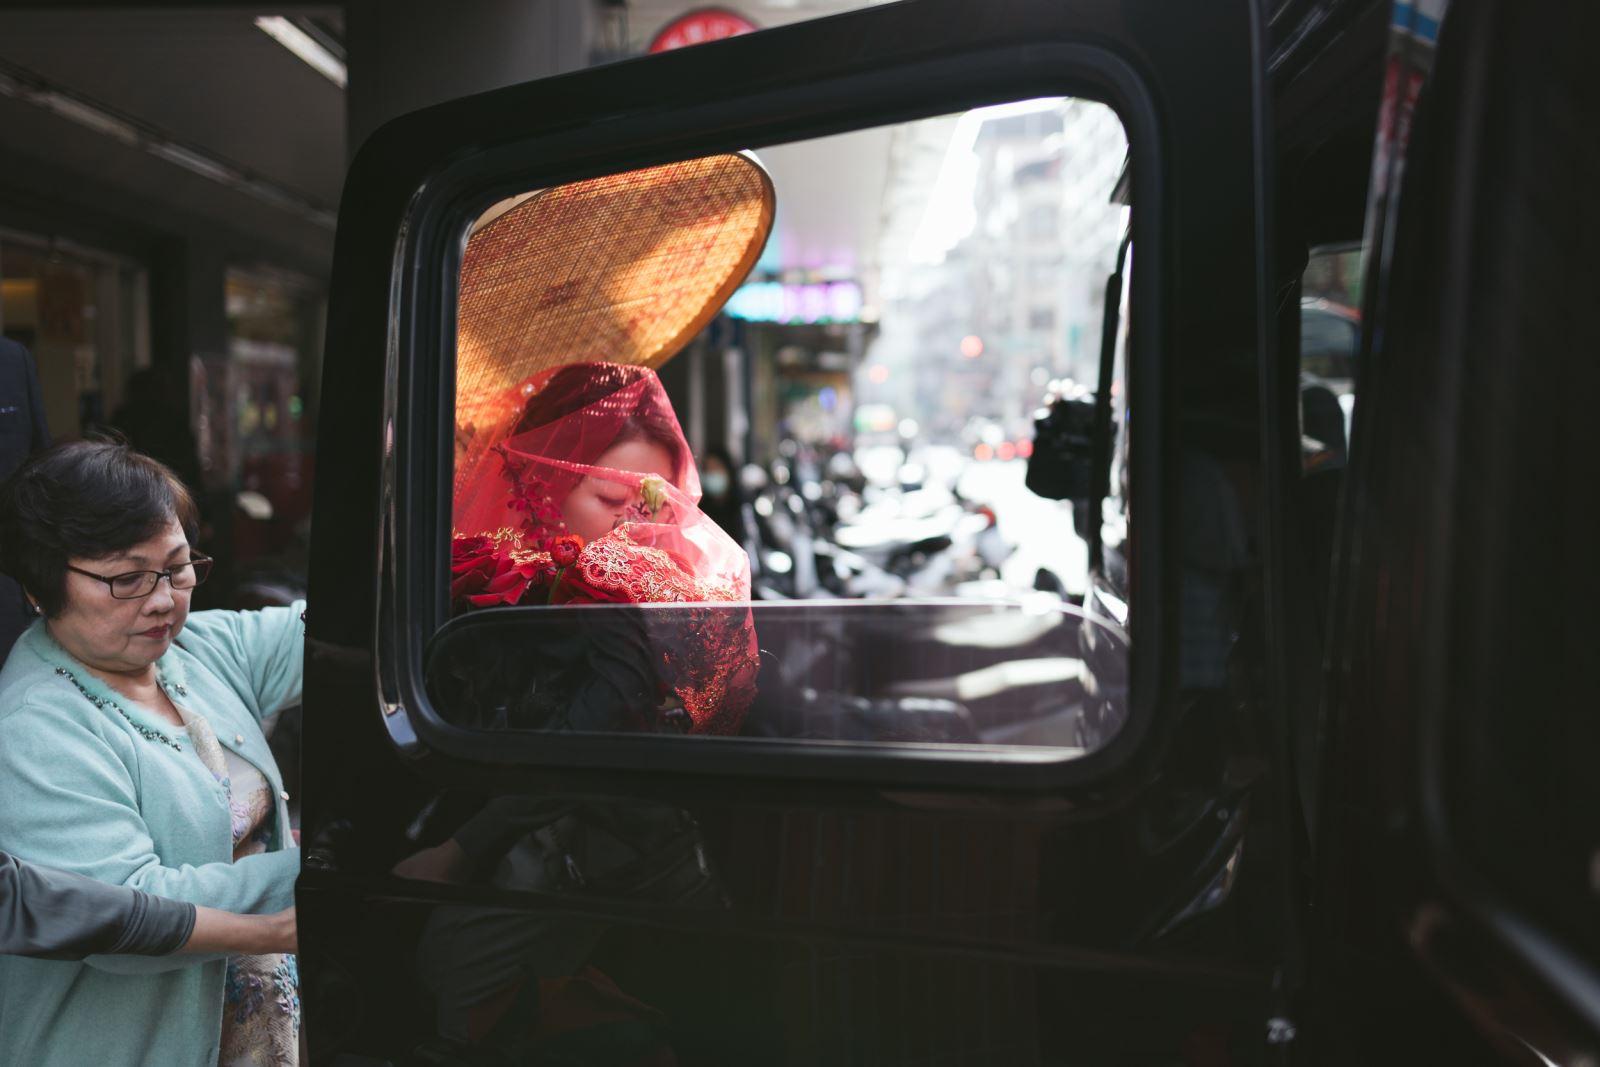 媒人婆手持米篩搭上迎娶車隊,前往新郎家